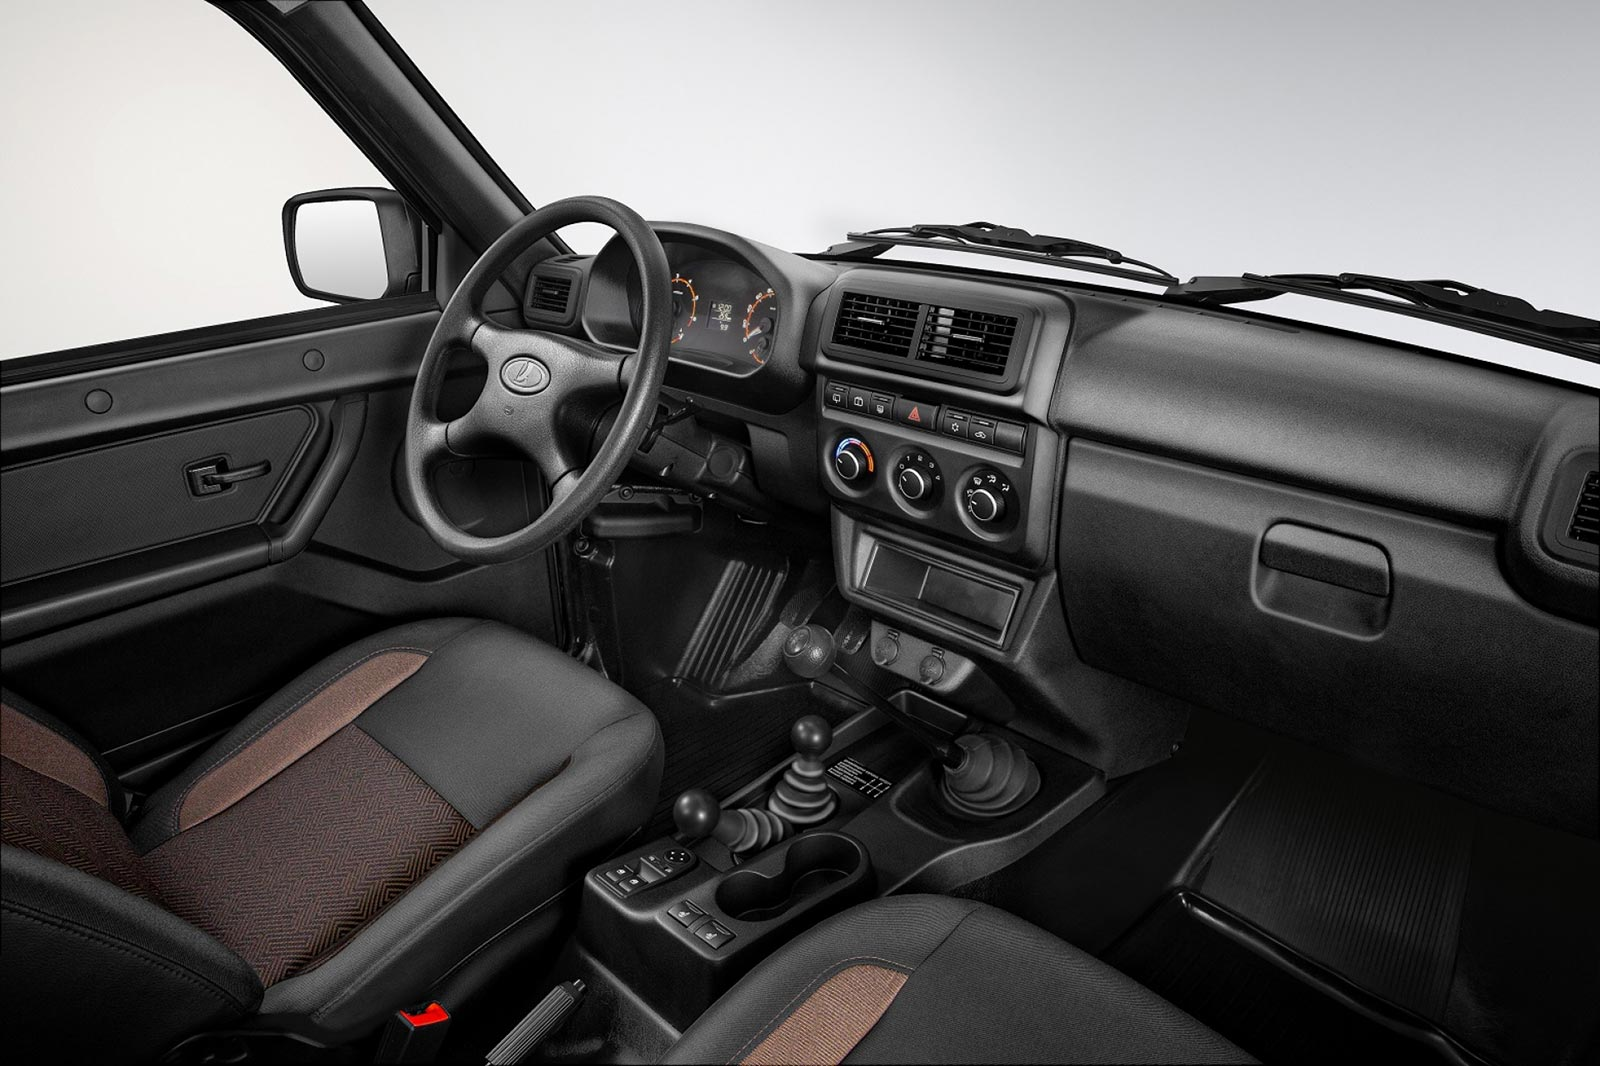 Interior Lada Niva 2020